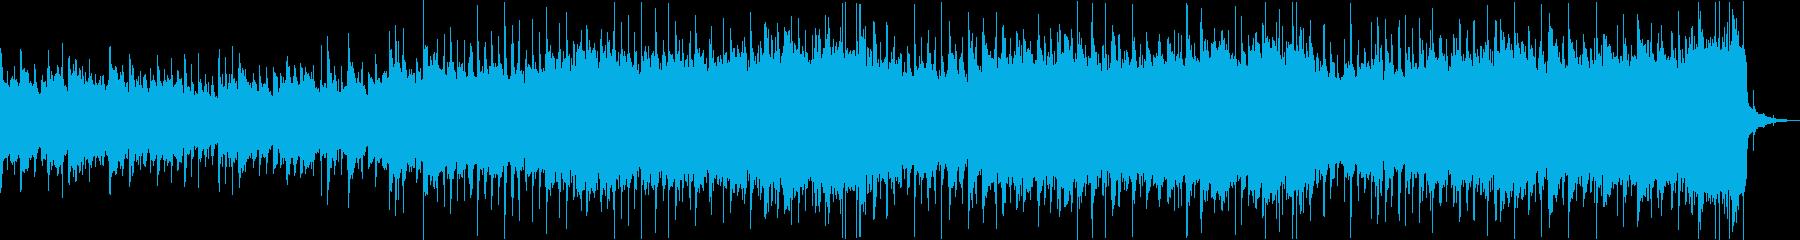 爽やか軽快ノスタルジックCMアコギ曲bの再生済みの波形